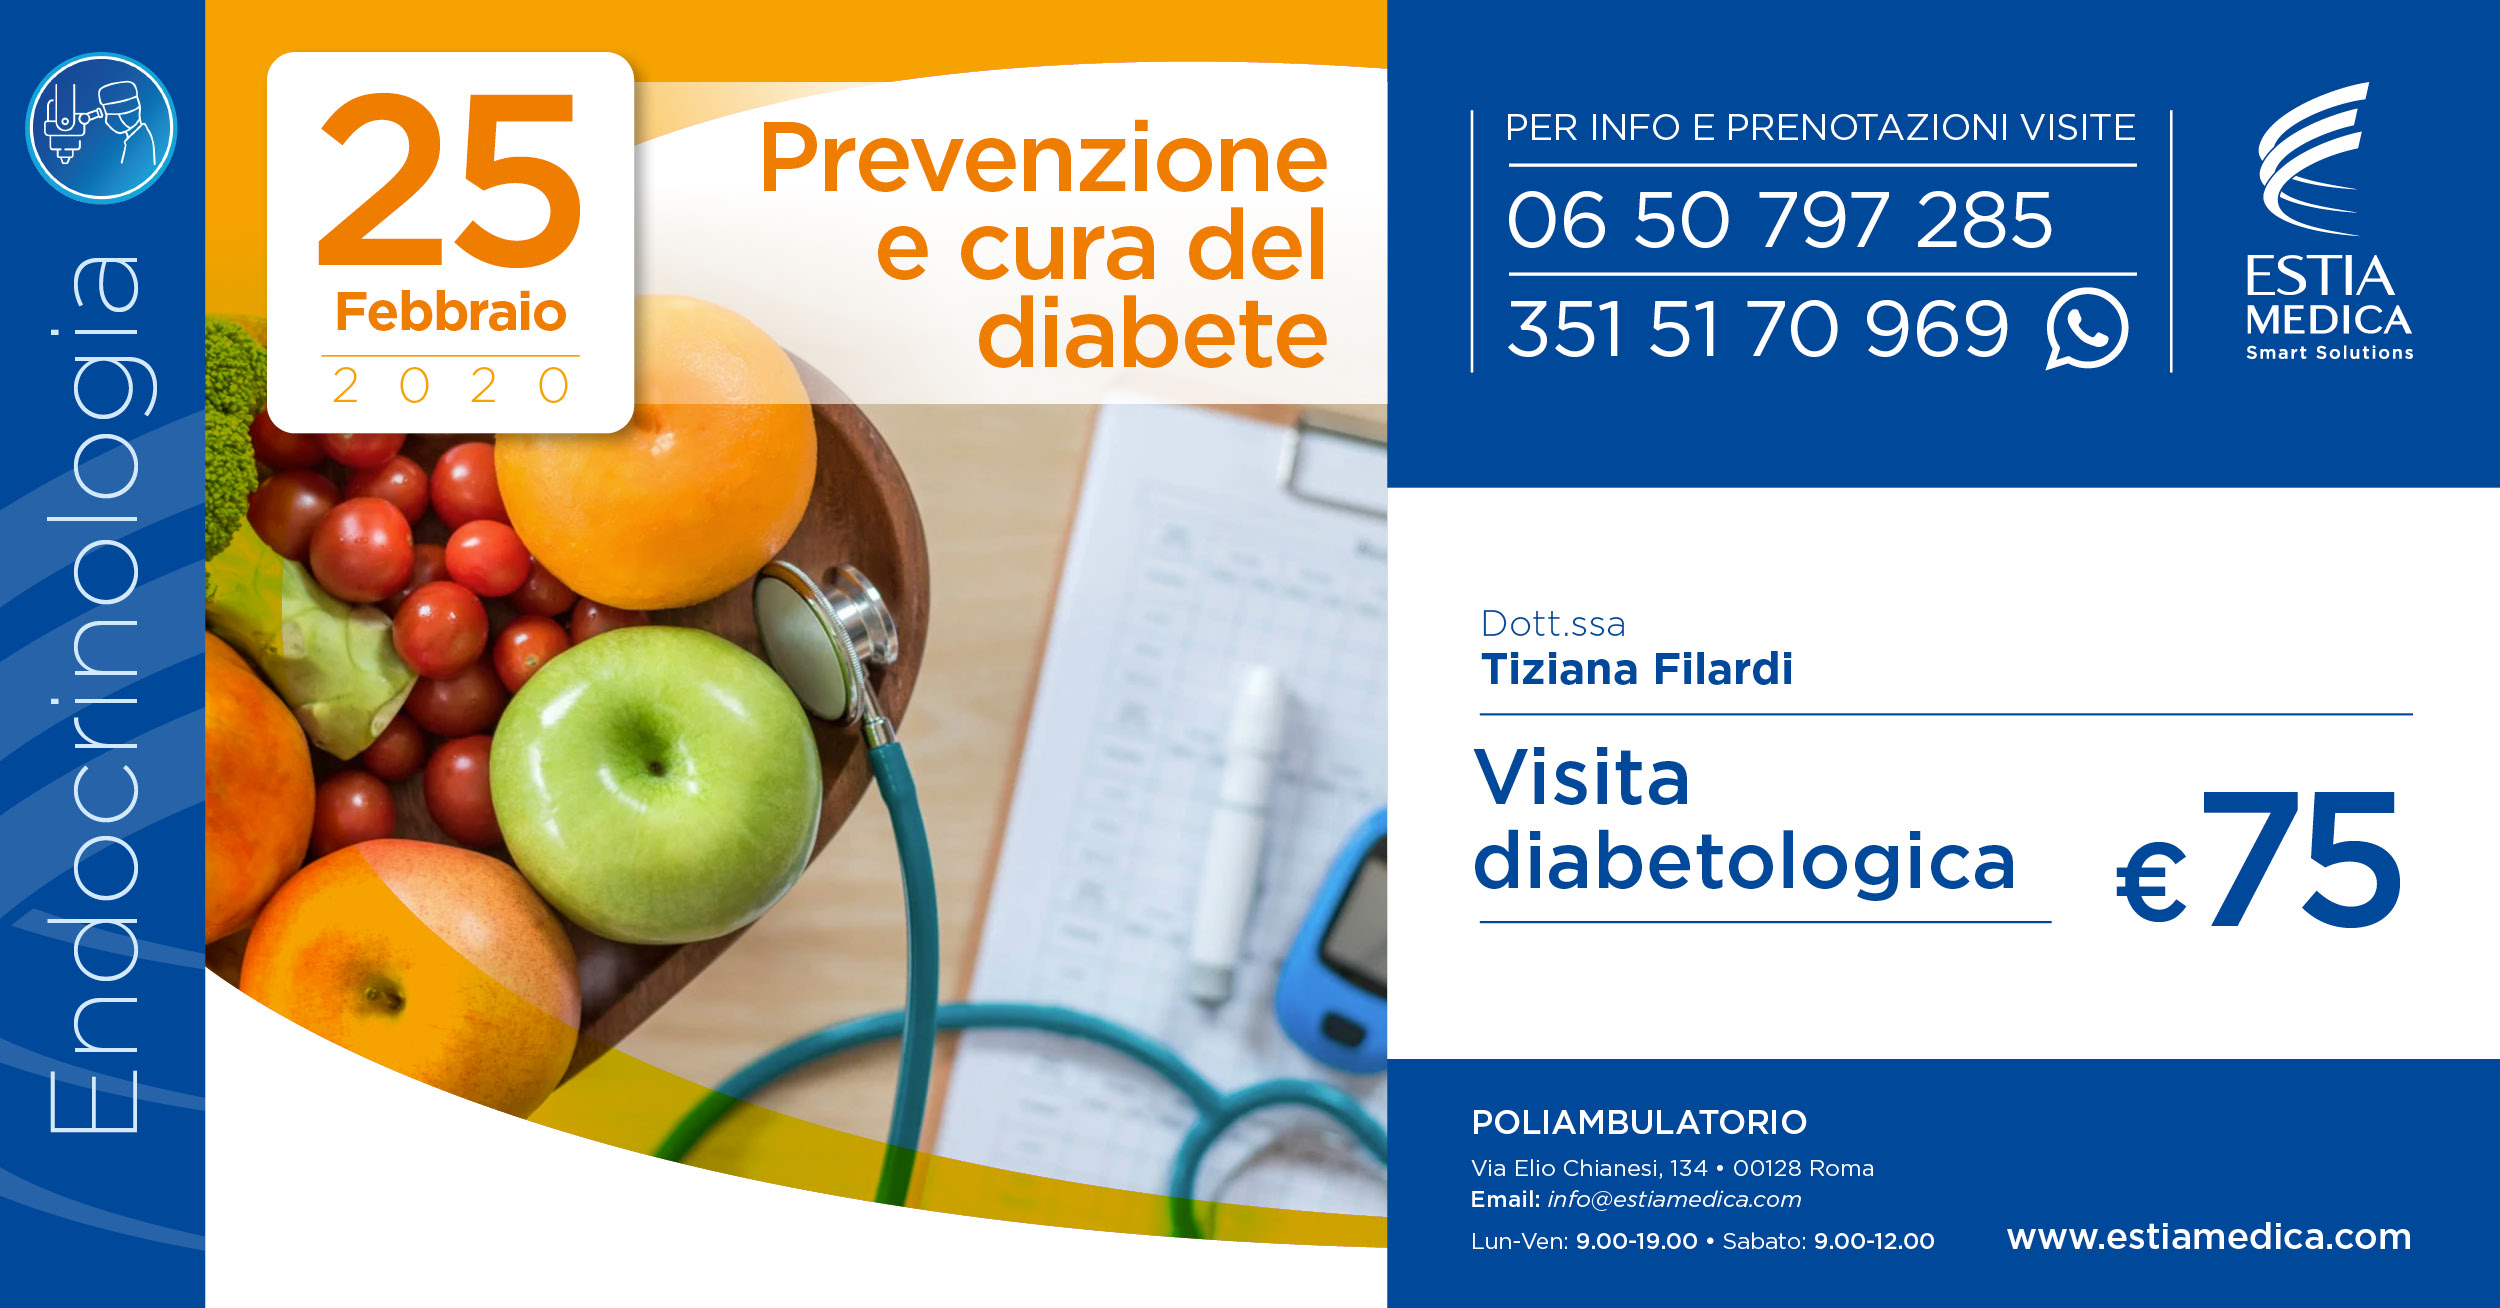 25 Febbraio 2020 • Prevenzione e cura del diabete